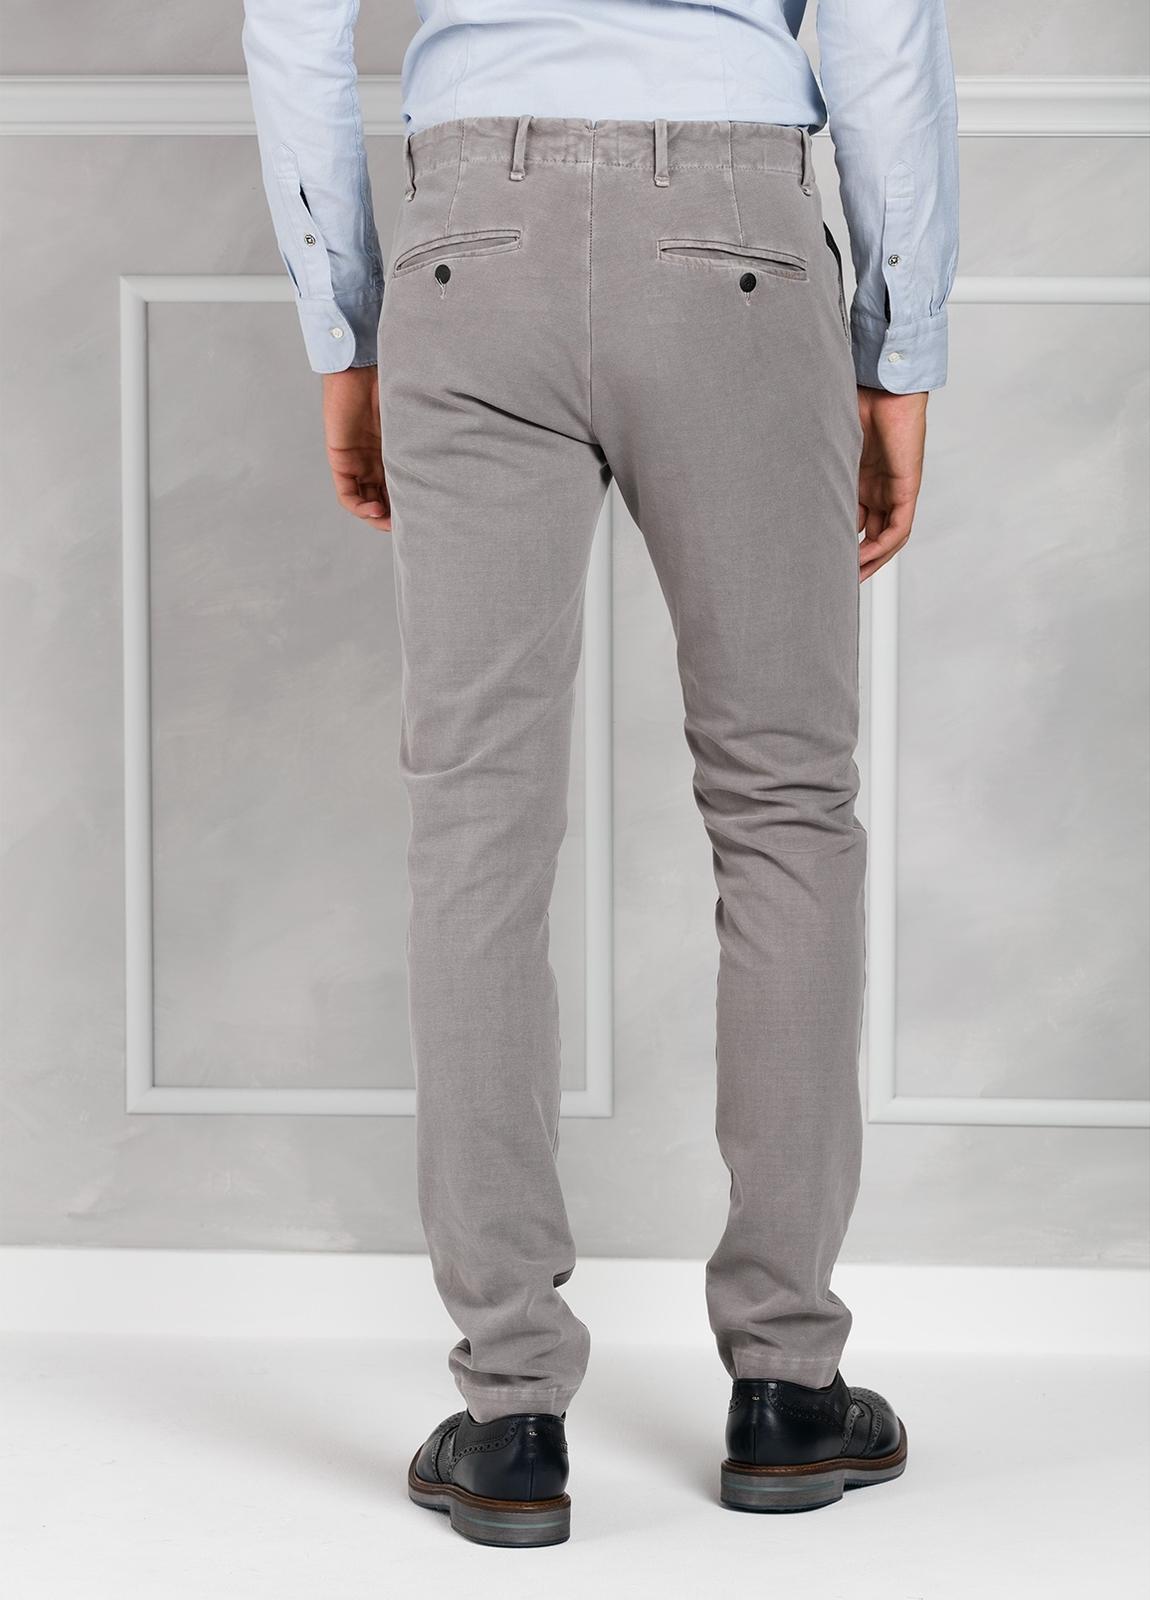 Pantalón sport Slim Fit con pliegues color gris. 93% Algodón 7% Elastano. - Ítem1